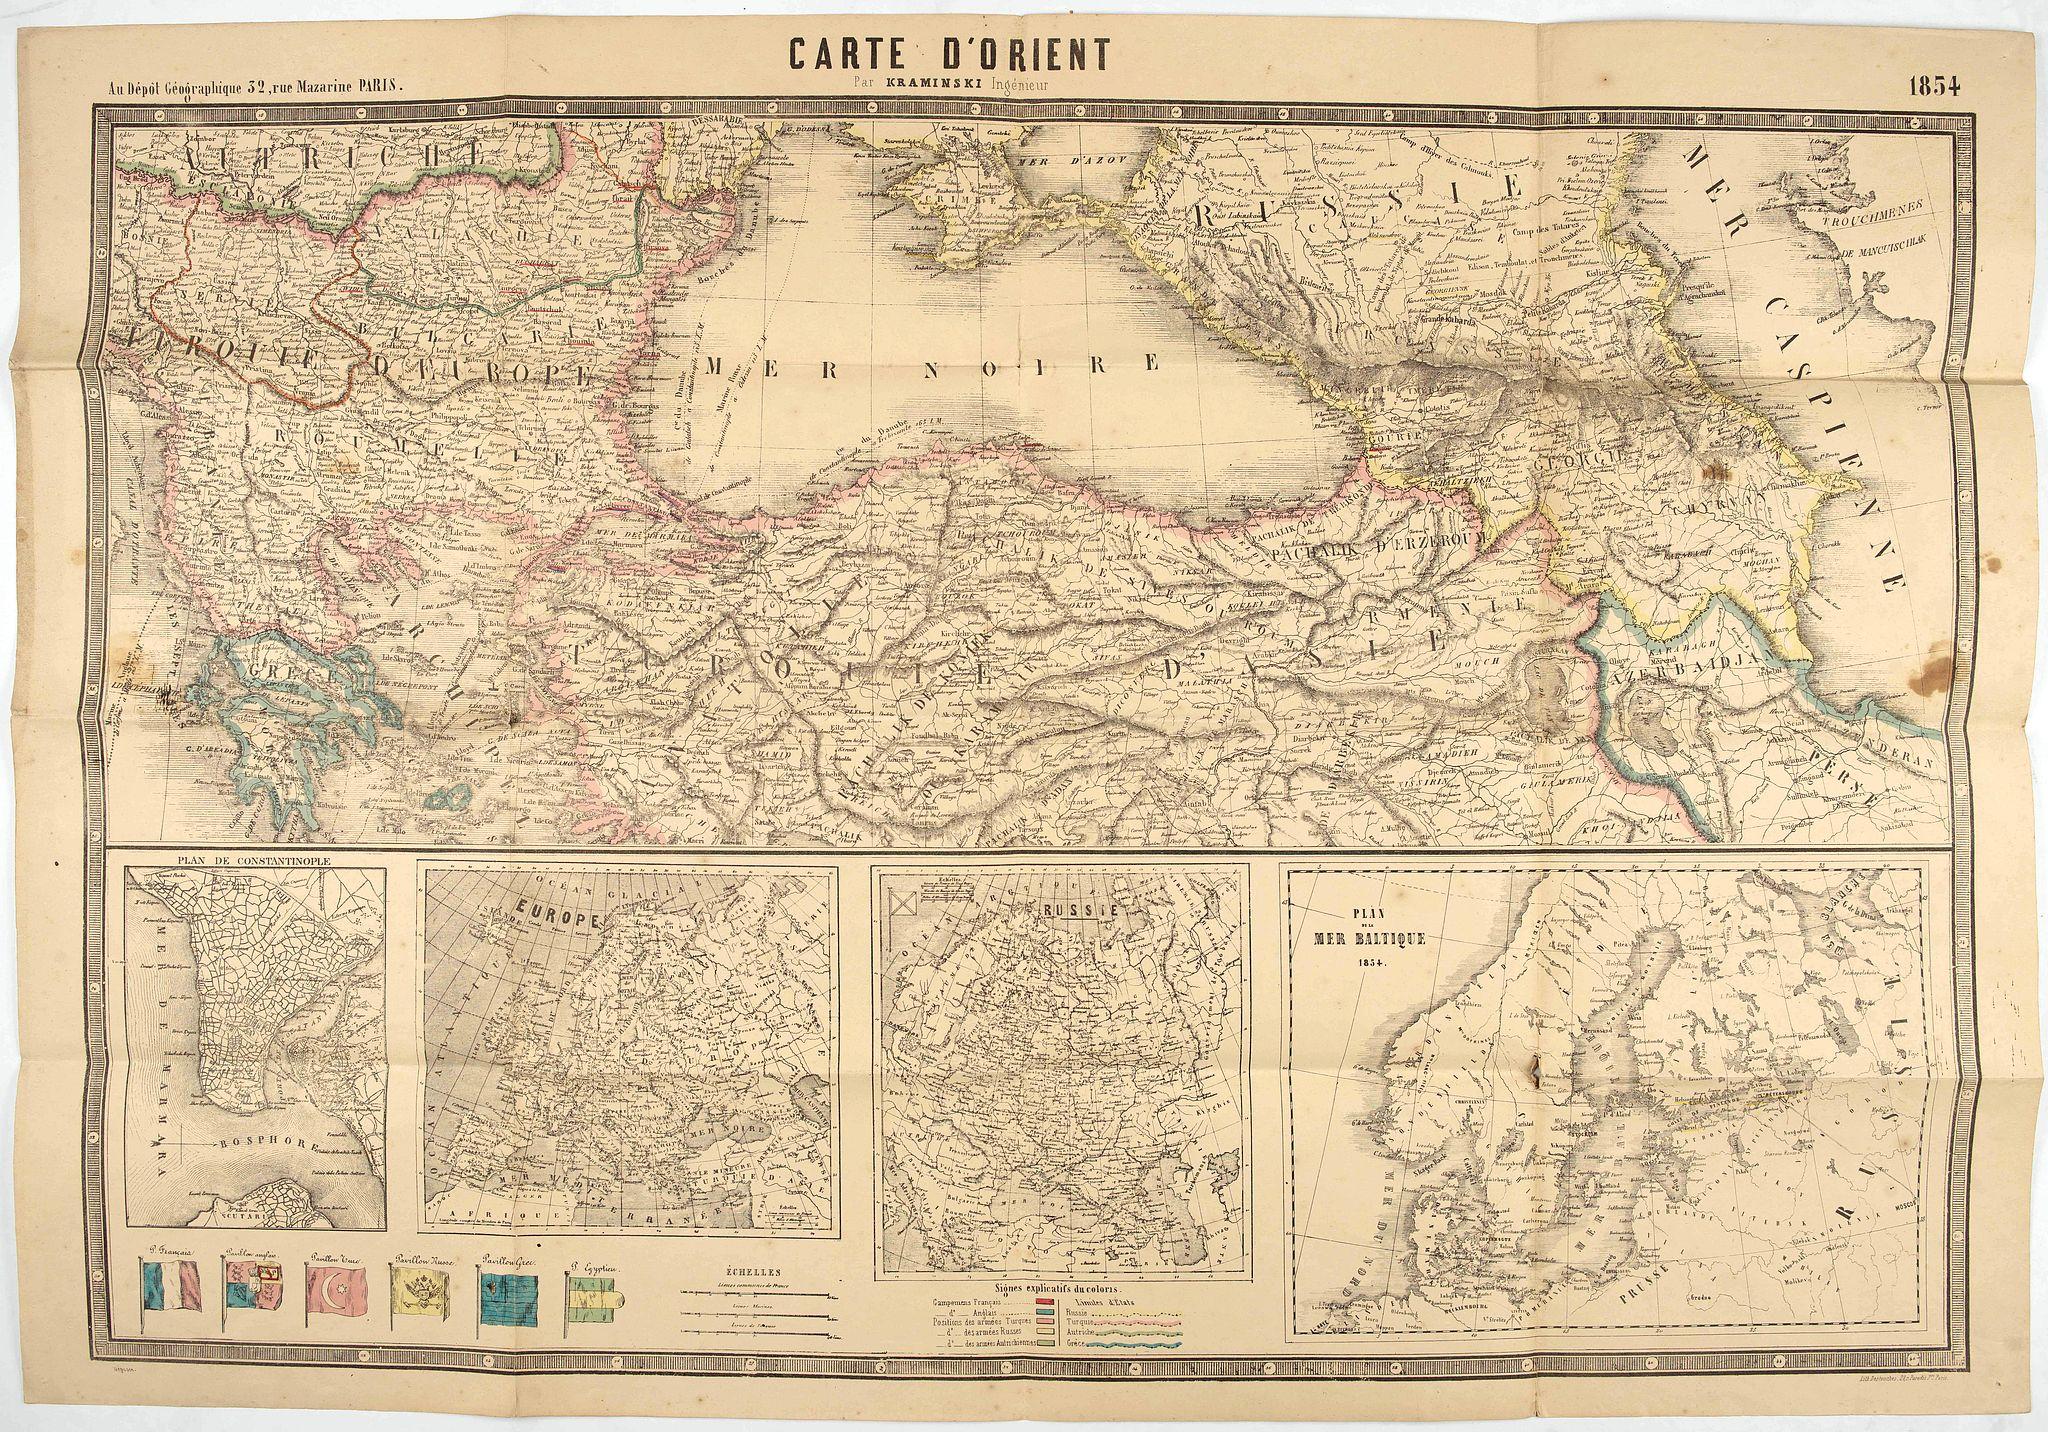 DEPOT GEOGRAPHIQUE -  Carte d'Orient par Kraminski ingénieur.